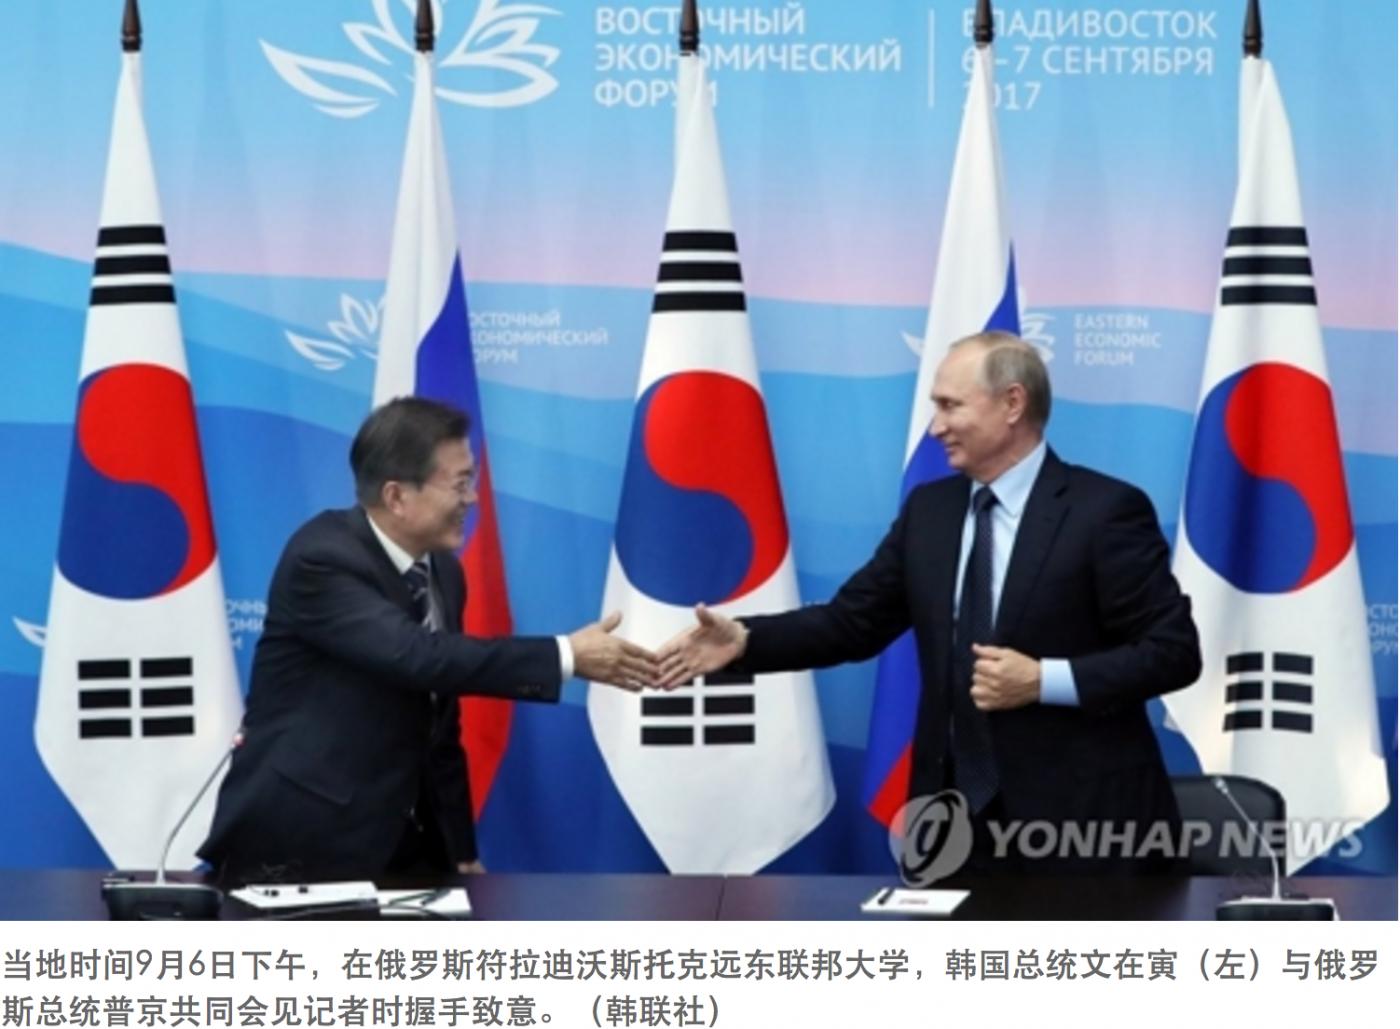 普京反对朝鲜拥核,但拒绝中断供油_图1-1